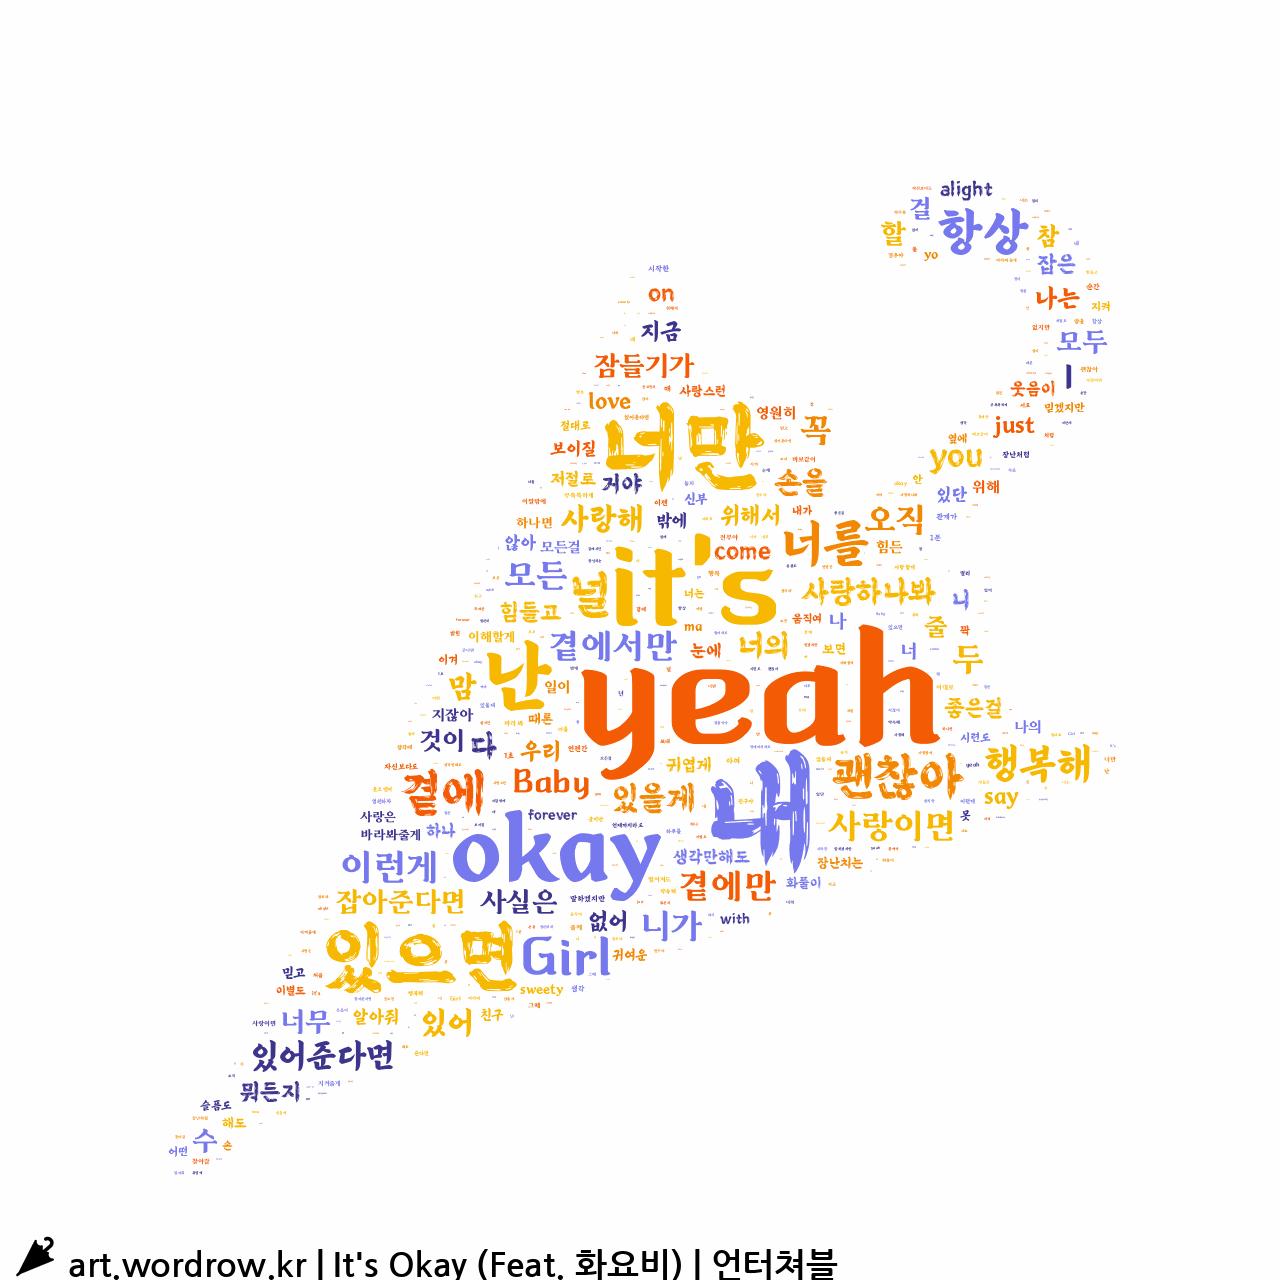 워드 클라우드: It's Okay (Feat. 화요비) [언터쳐블]-15